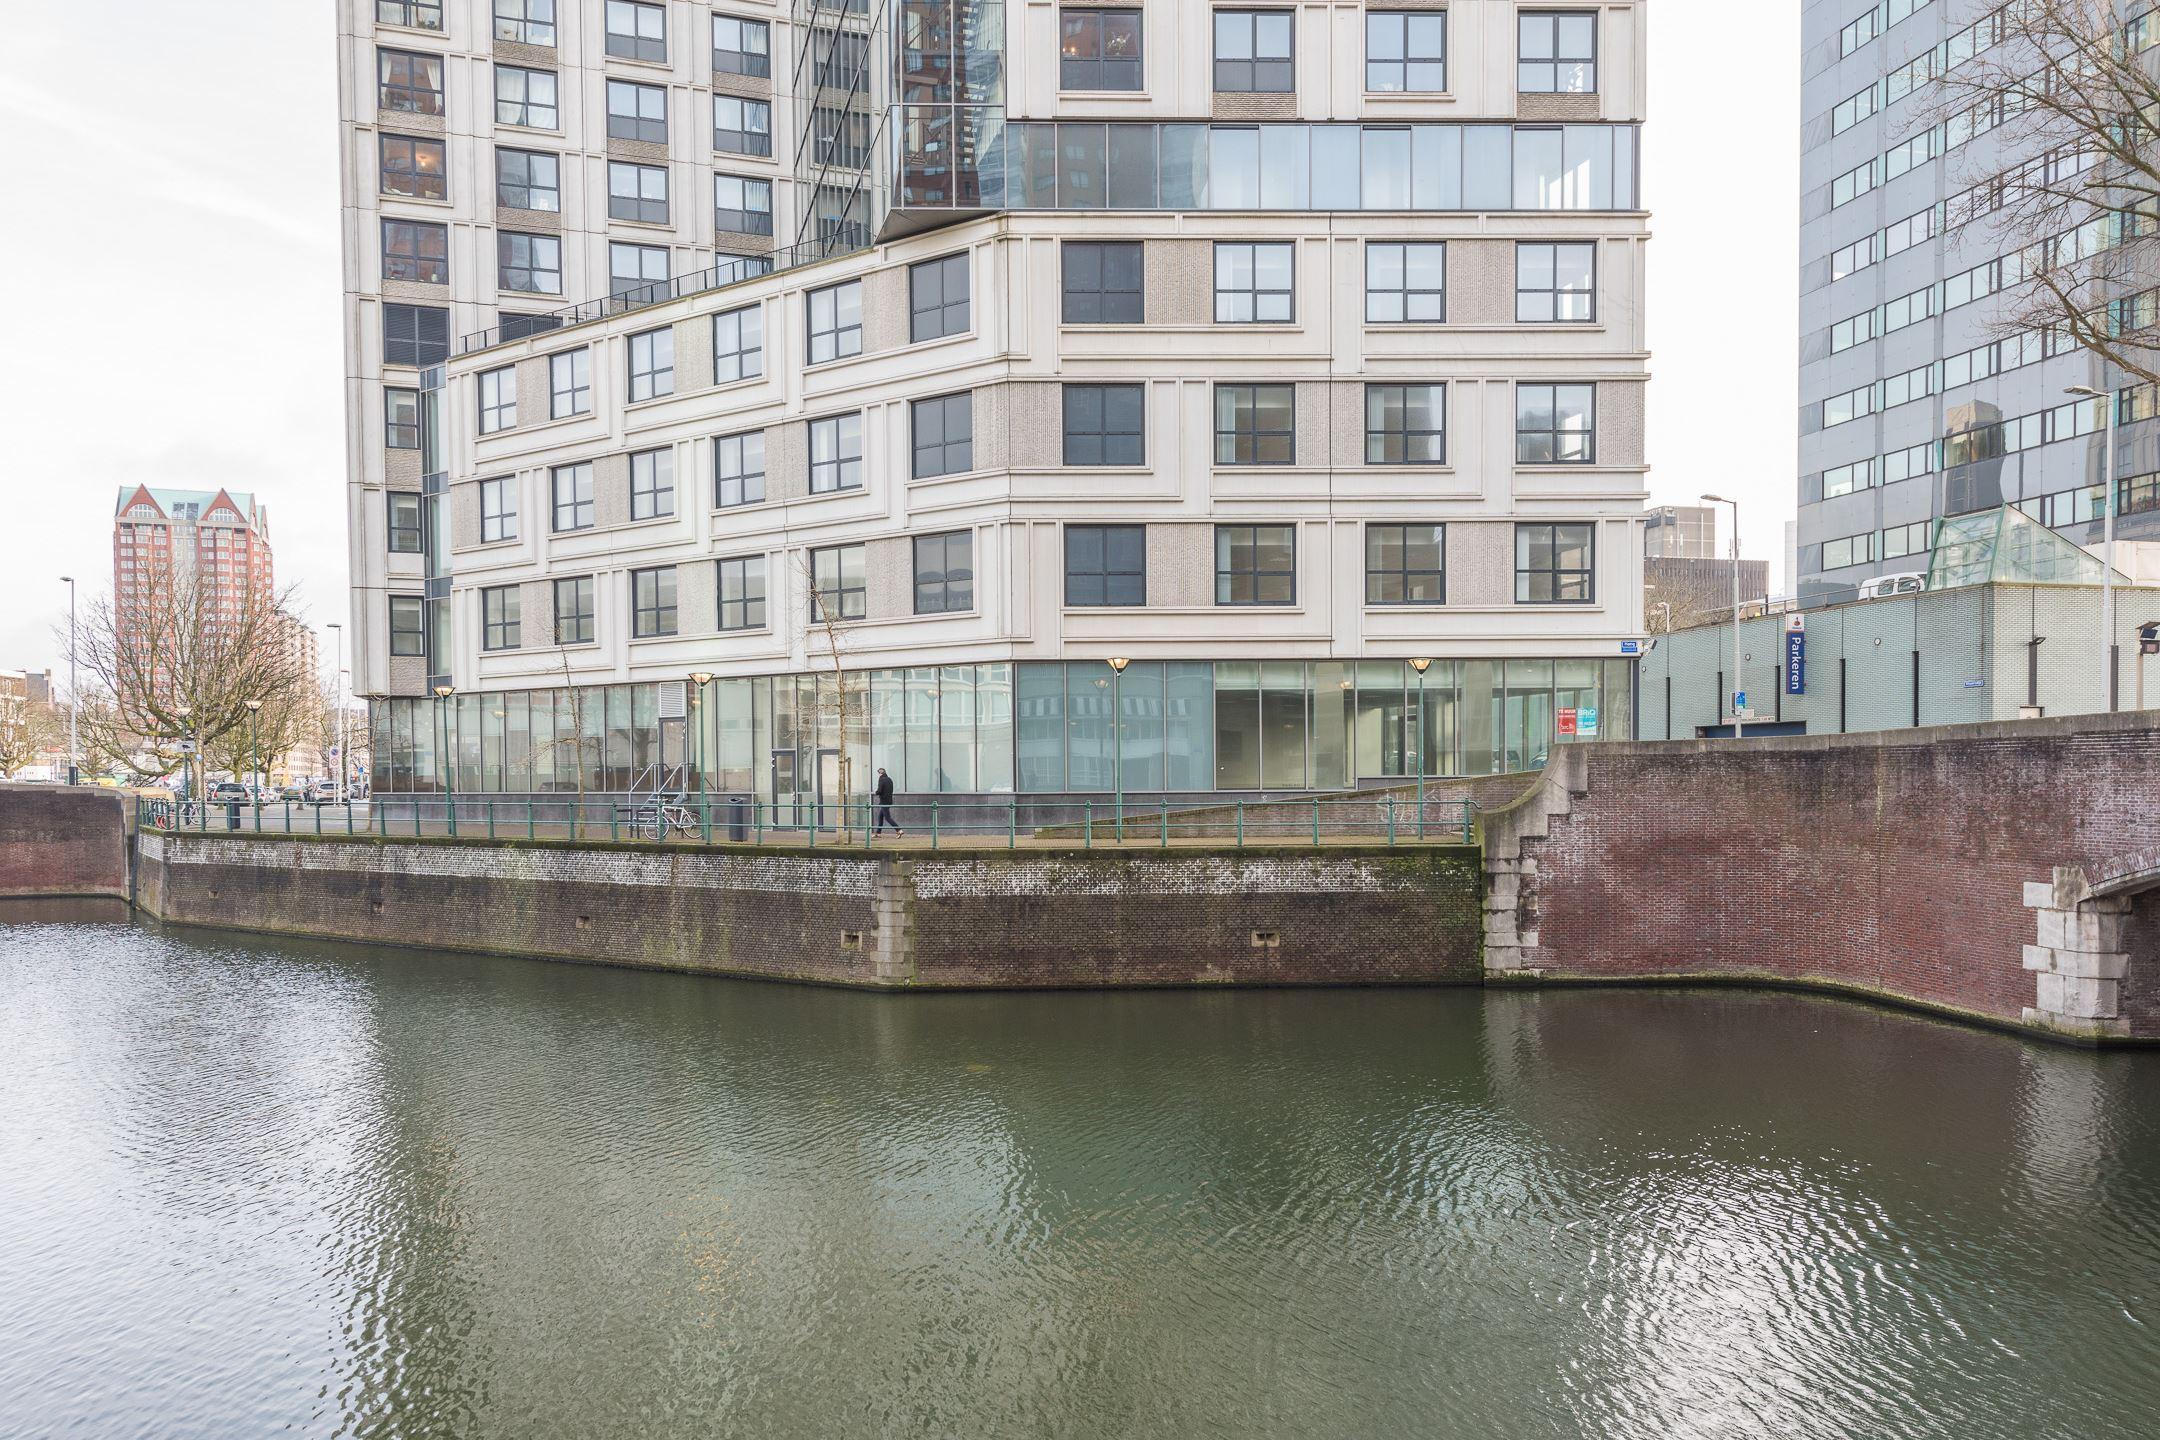 2107b298070 Kantoor Rotterdam   Zoek kantoren te huur: Vissersdijk 219-245 3011 ...